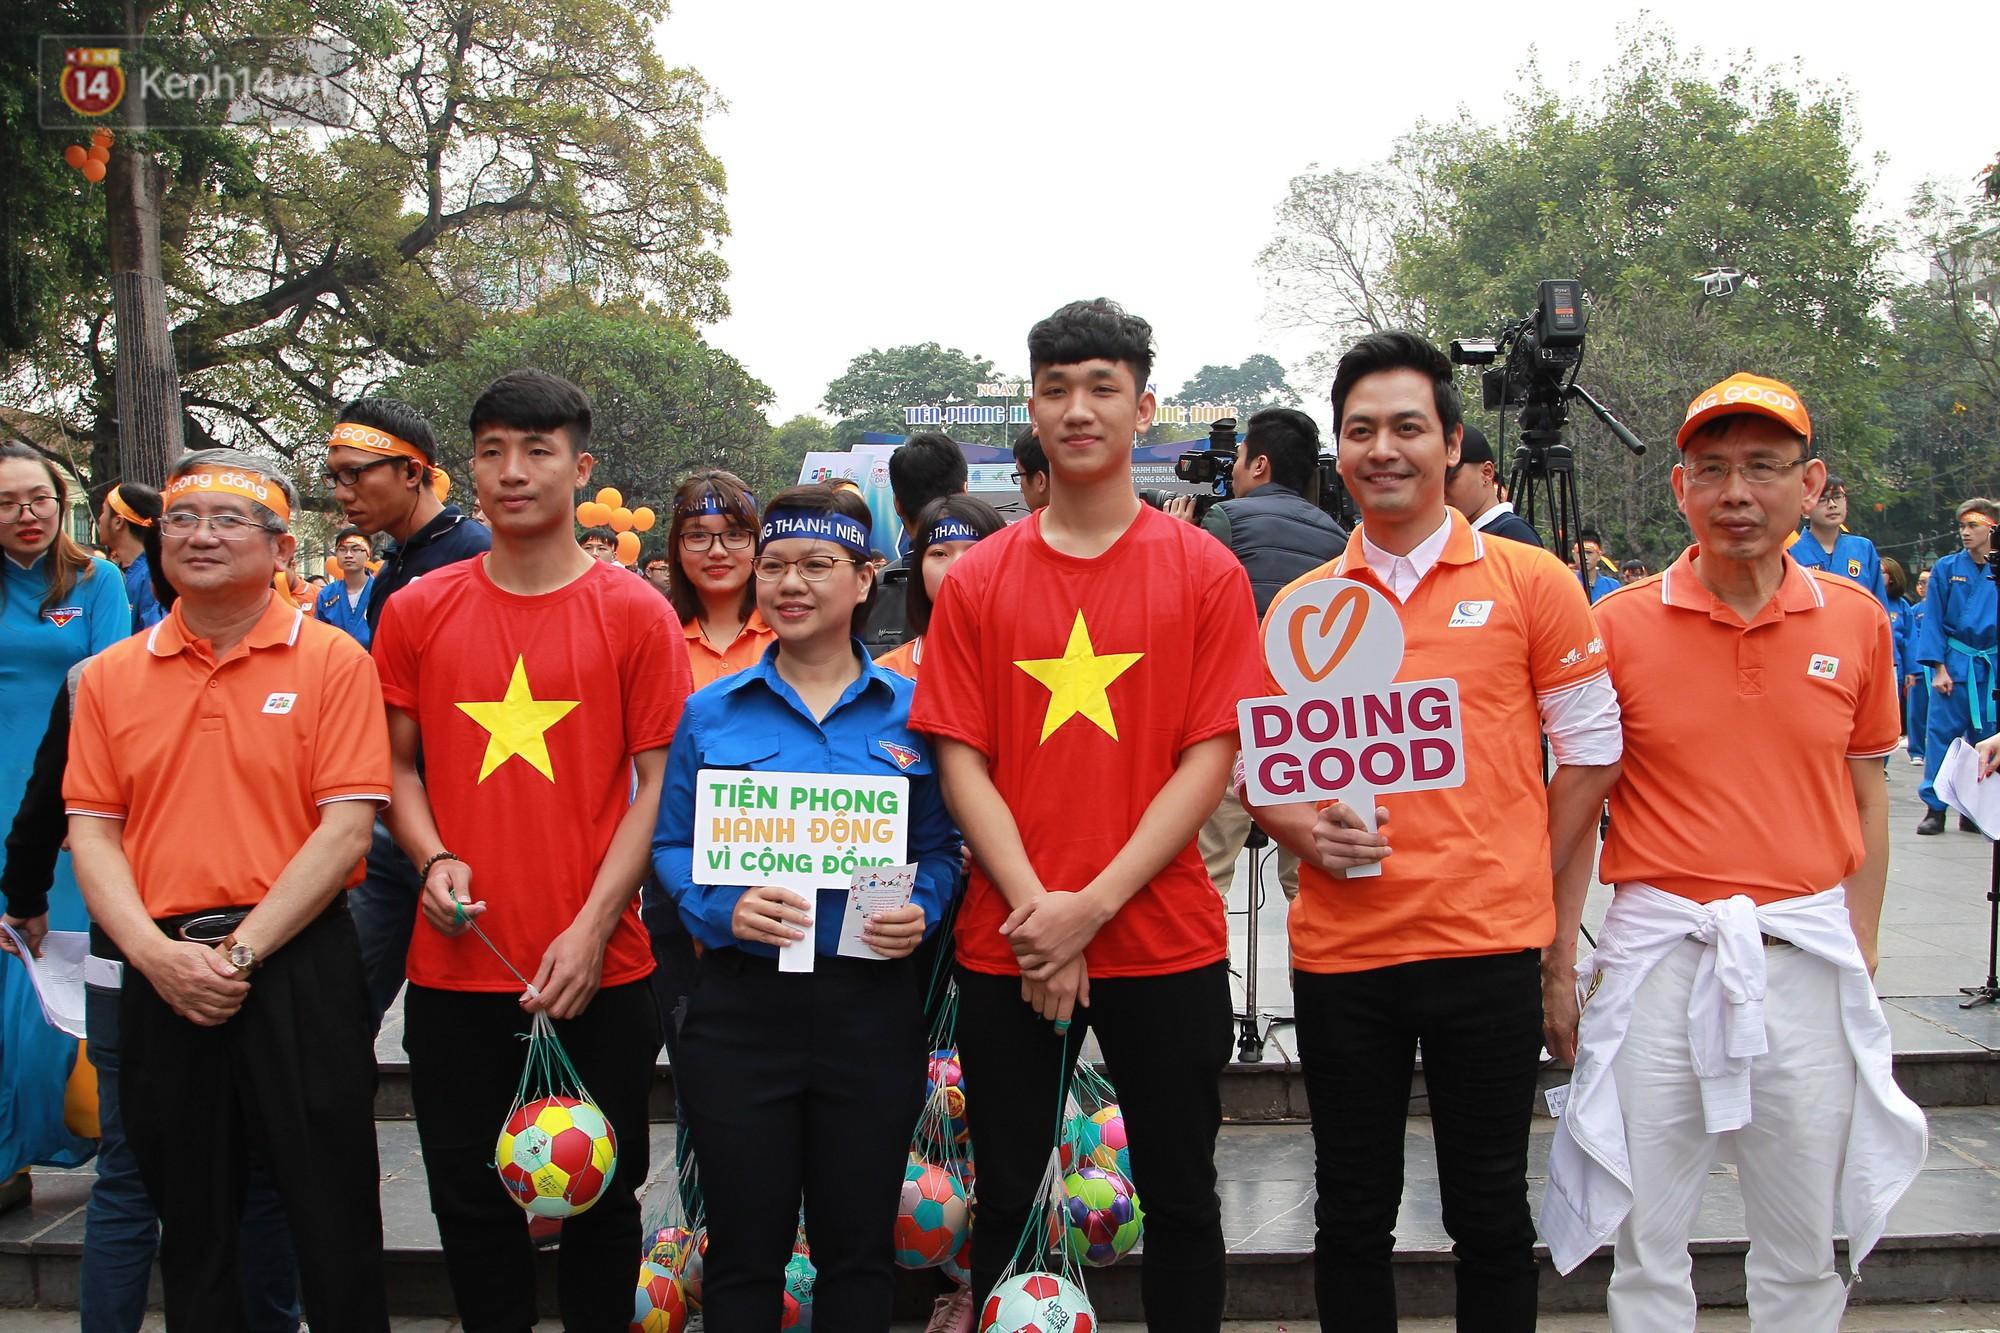 Phố đi bộ Hồ Gươm tắc nghẽn khi Trọng Đại, Tiến Dũng U23 cùng 5000 người dân tham gia ngày hội tình nguyện - Ảnh 2.